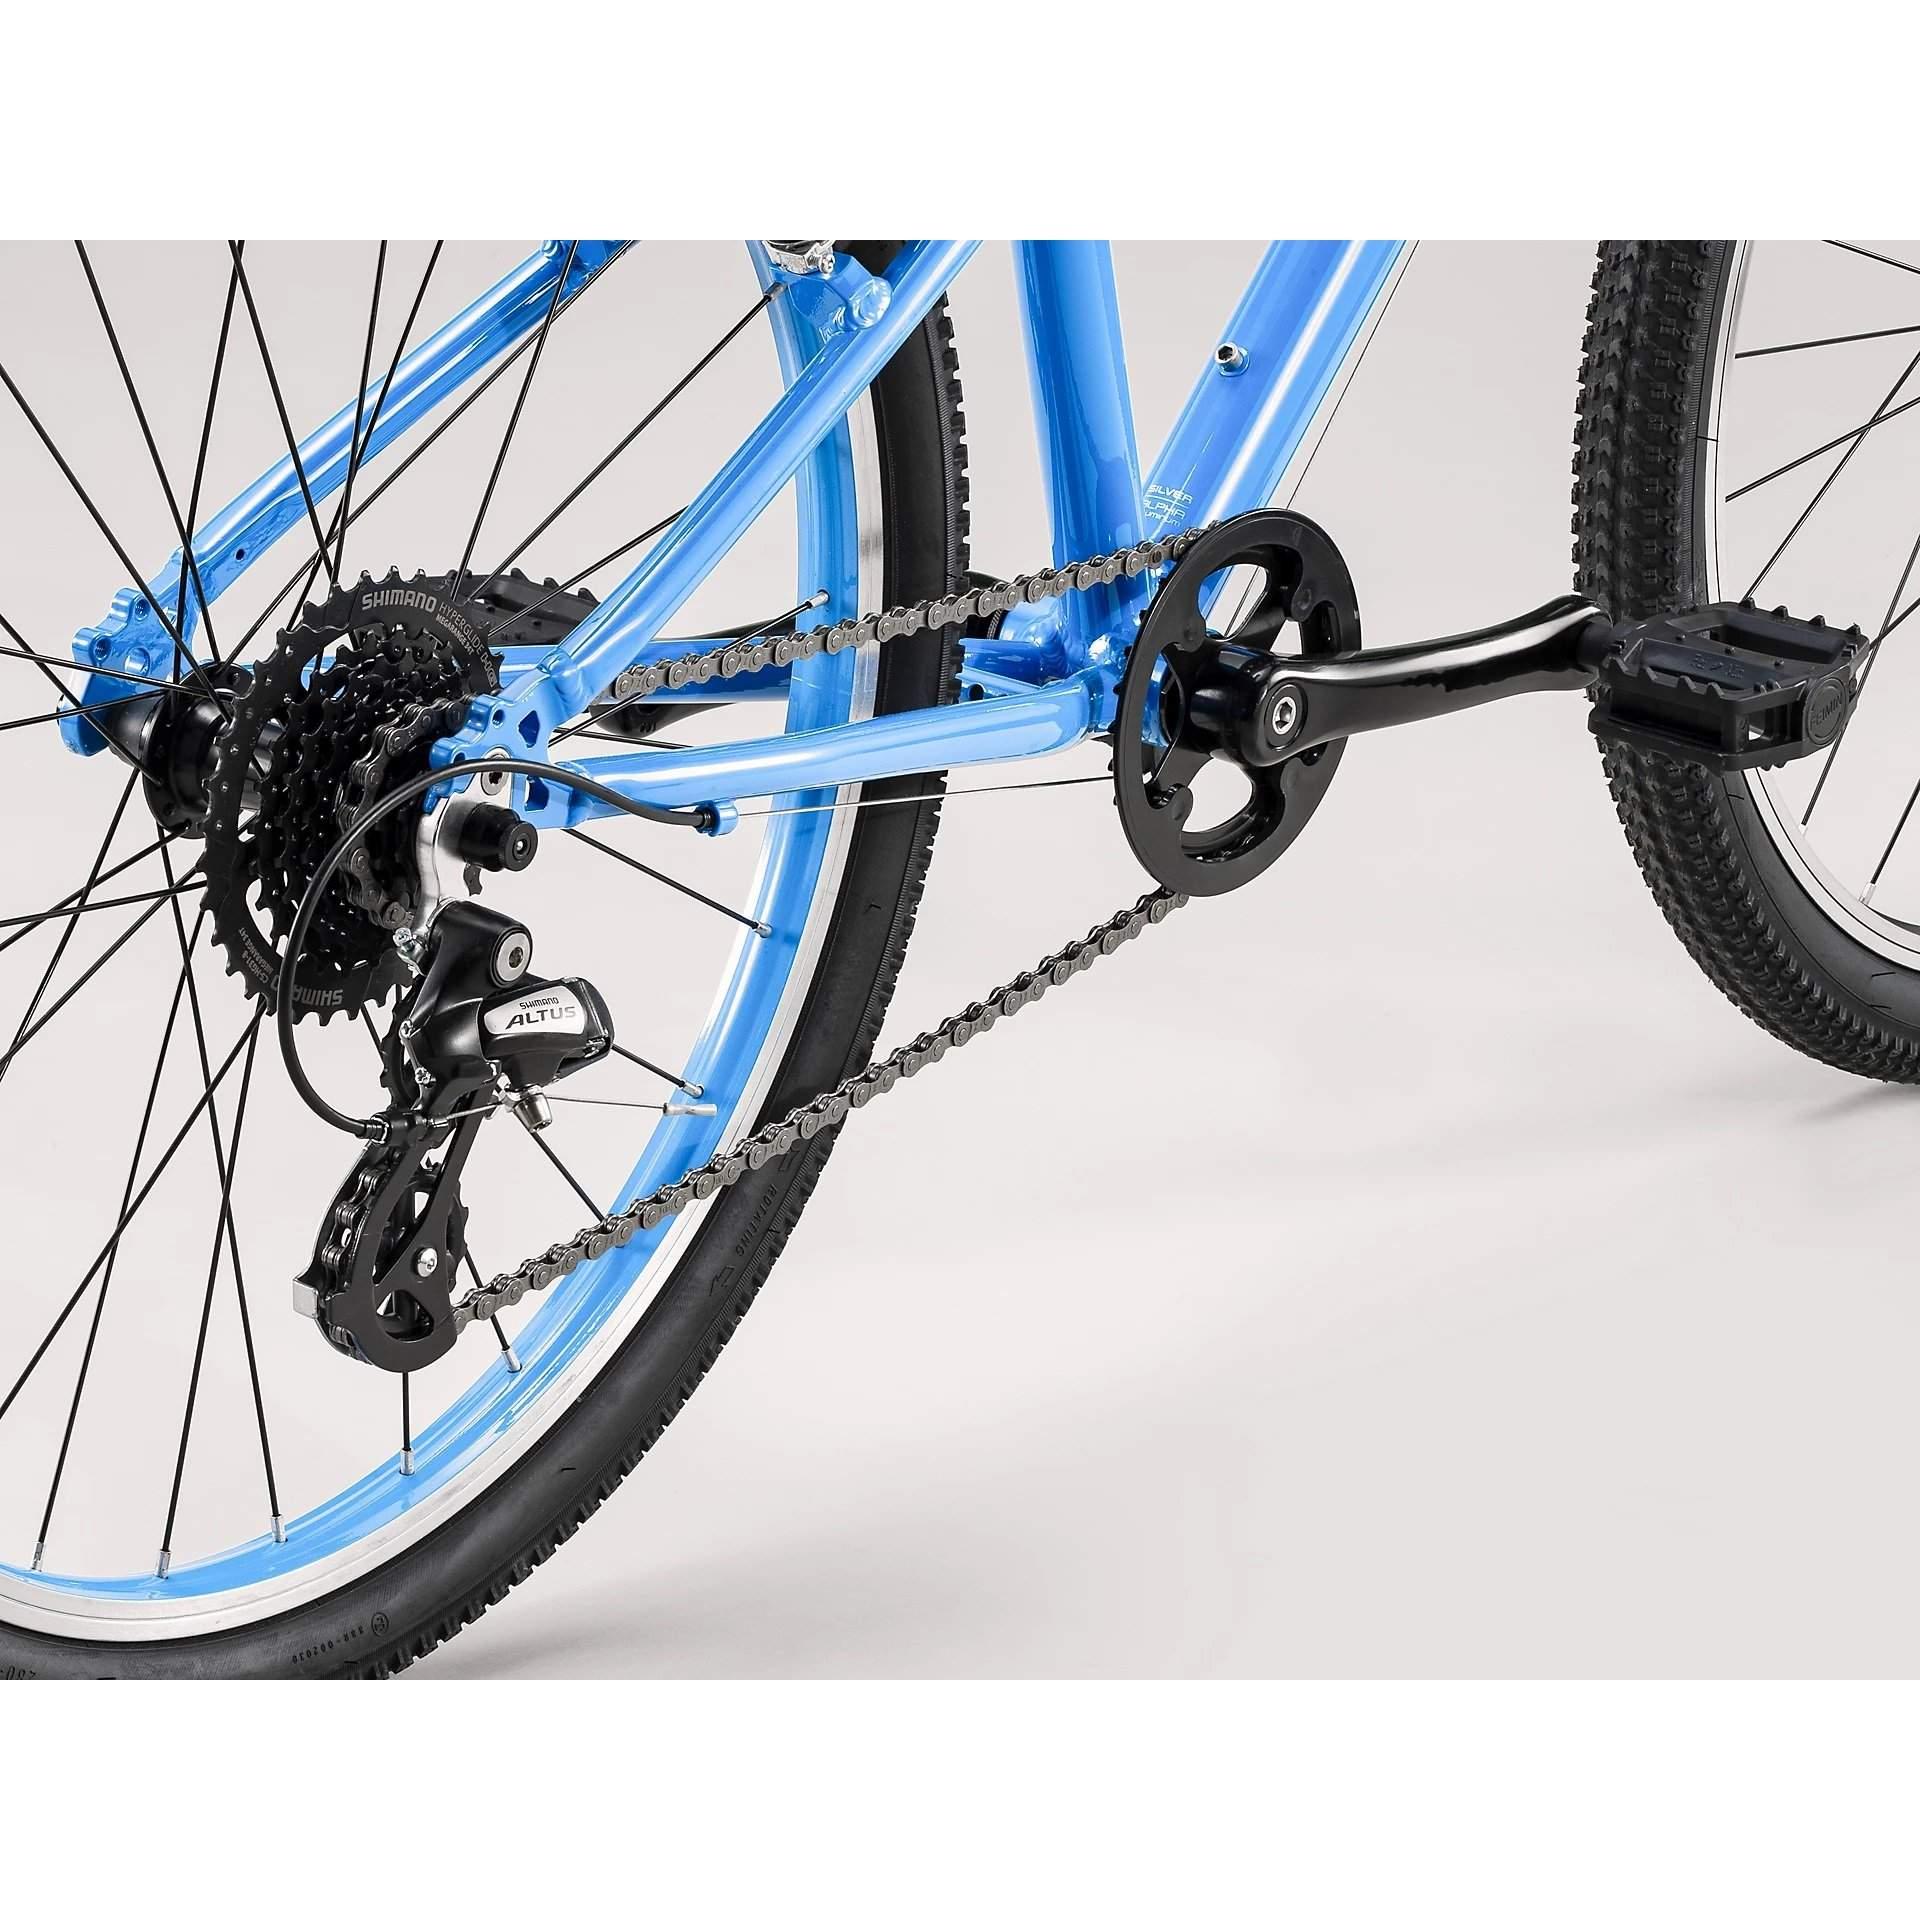 ROWER TREK WAHOO 24 WATERLOO BLUE QUICKSILVER 5